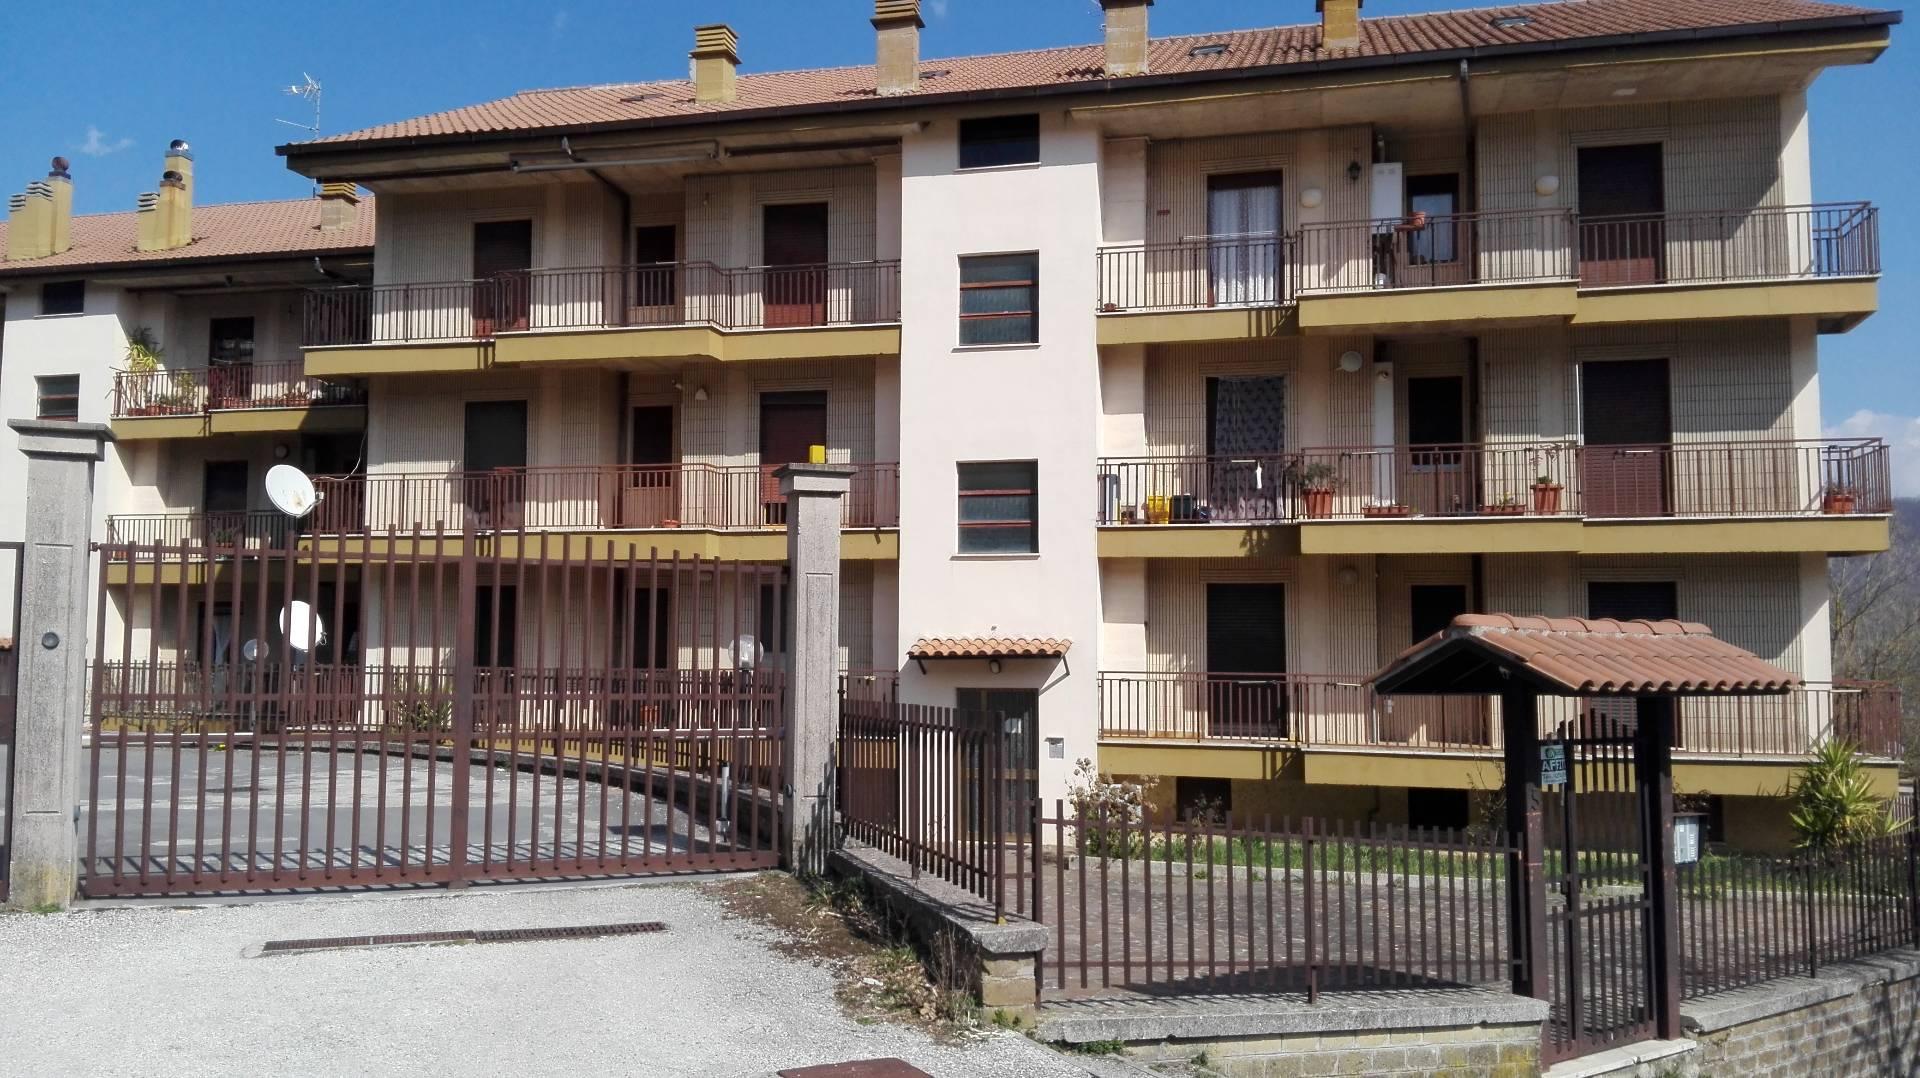 Appartamento in vendita a Pisoniano, 3 locali, prezzo € 100.000 | Cambio Casa.it